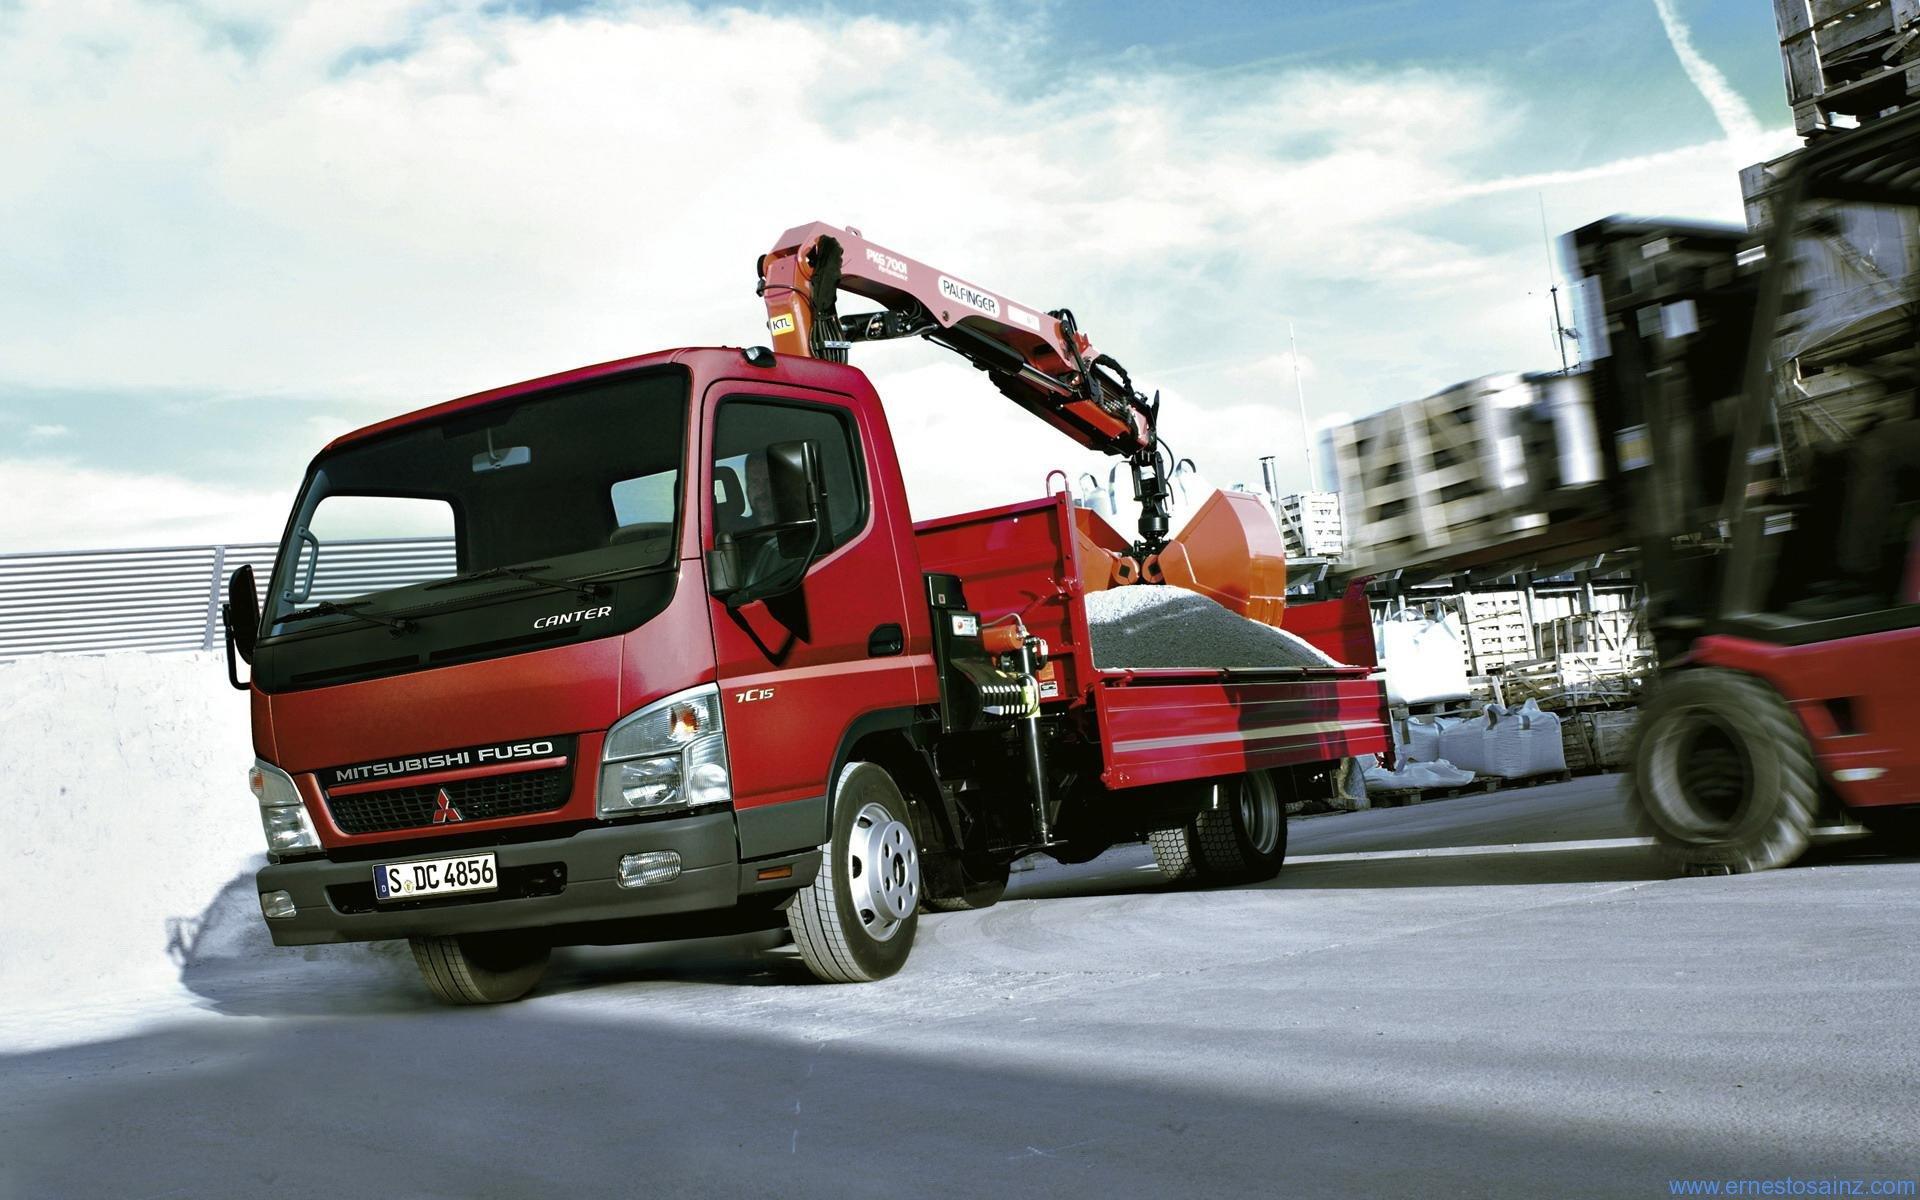 Camion Mitsubishi Fuso con escabadora